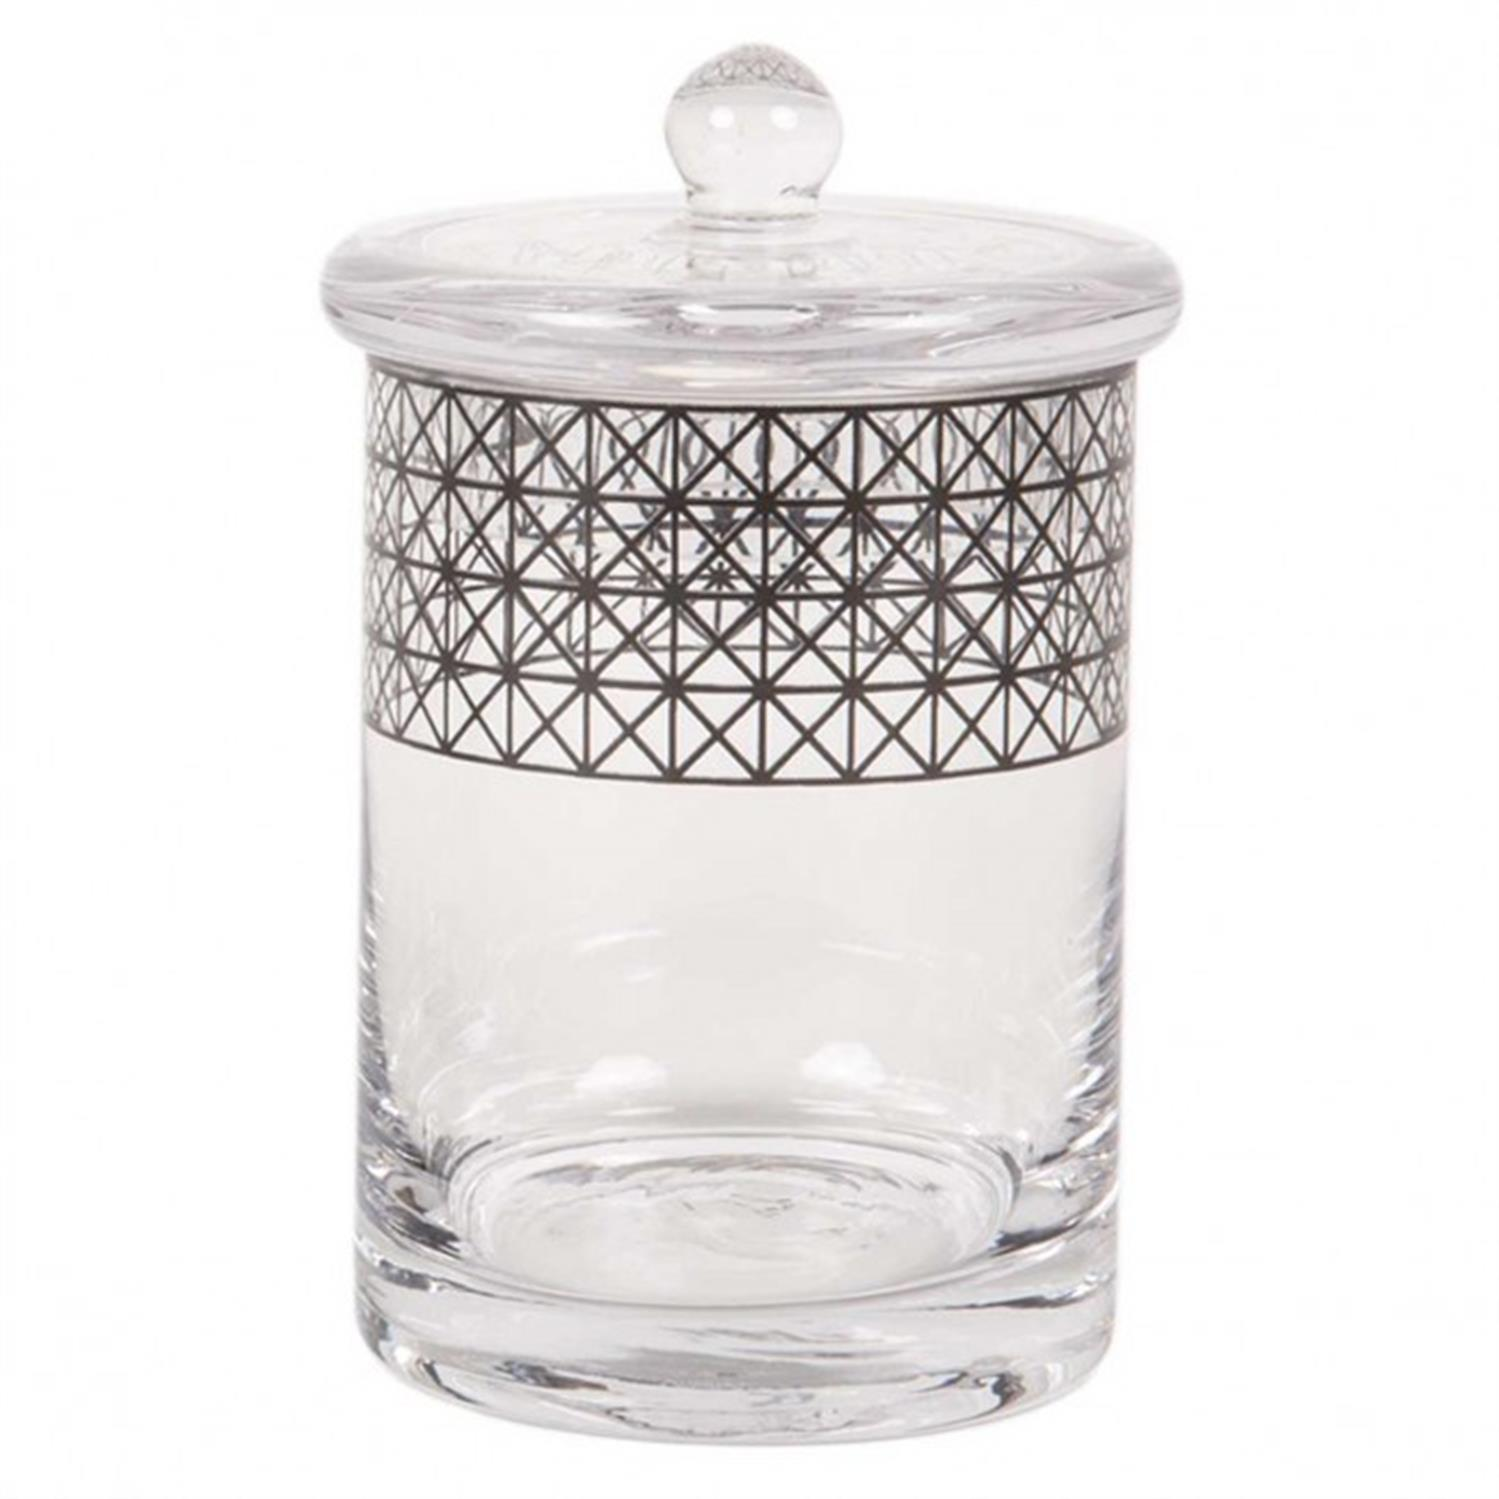 Βάζο με καπάκι γυάλινο διάφανο/μαύρο 9.5×9.5x17cm Marva 787021